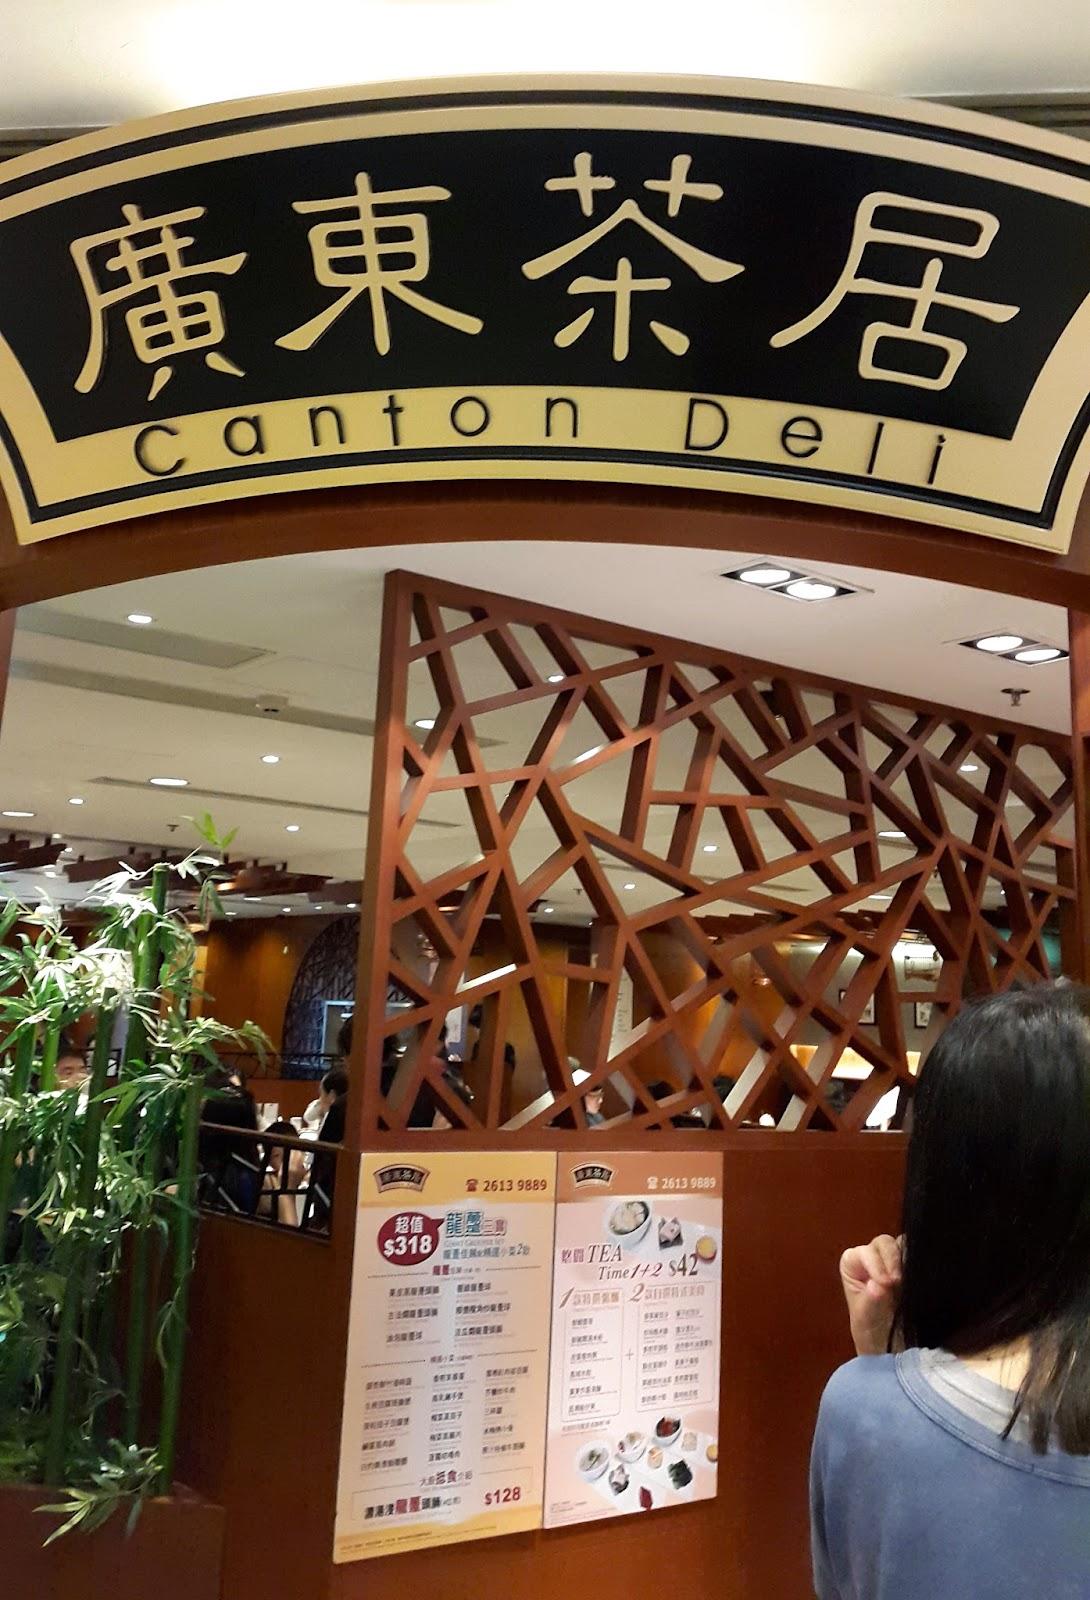 Canton Deli Harbour City Tsim Sha Tsui Hong Kong